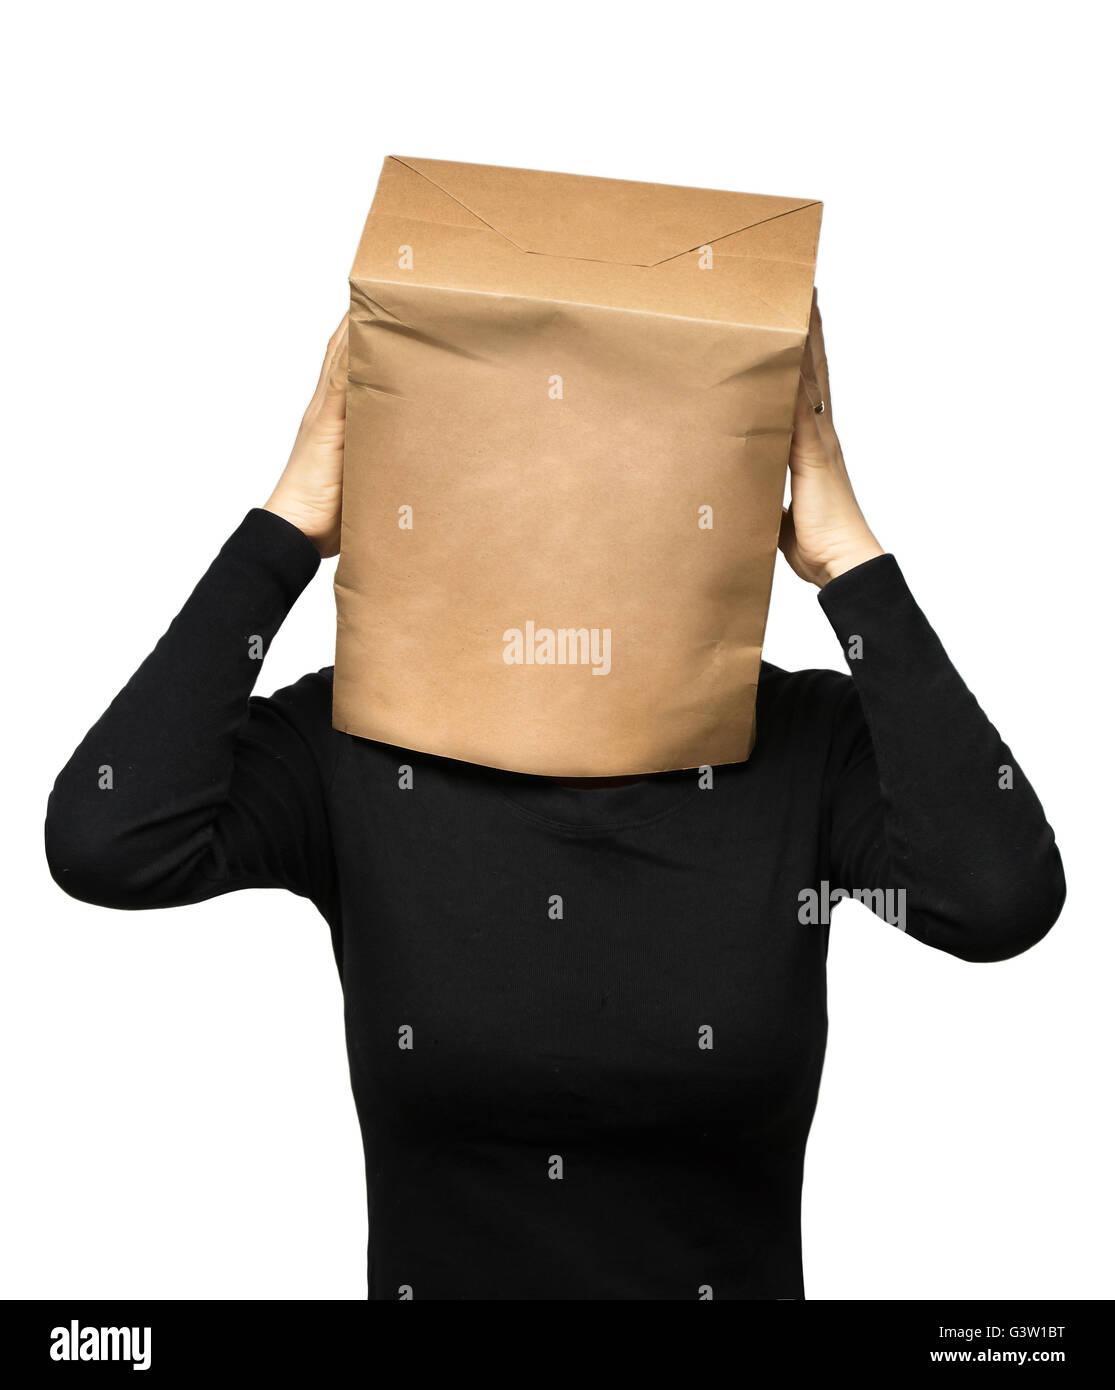 junge Frau, die seinen Kopf mit einer Papiertüte zu bedecken. Frau Sorge Stockbild